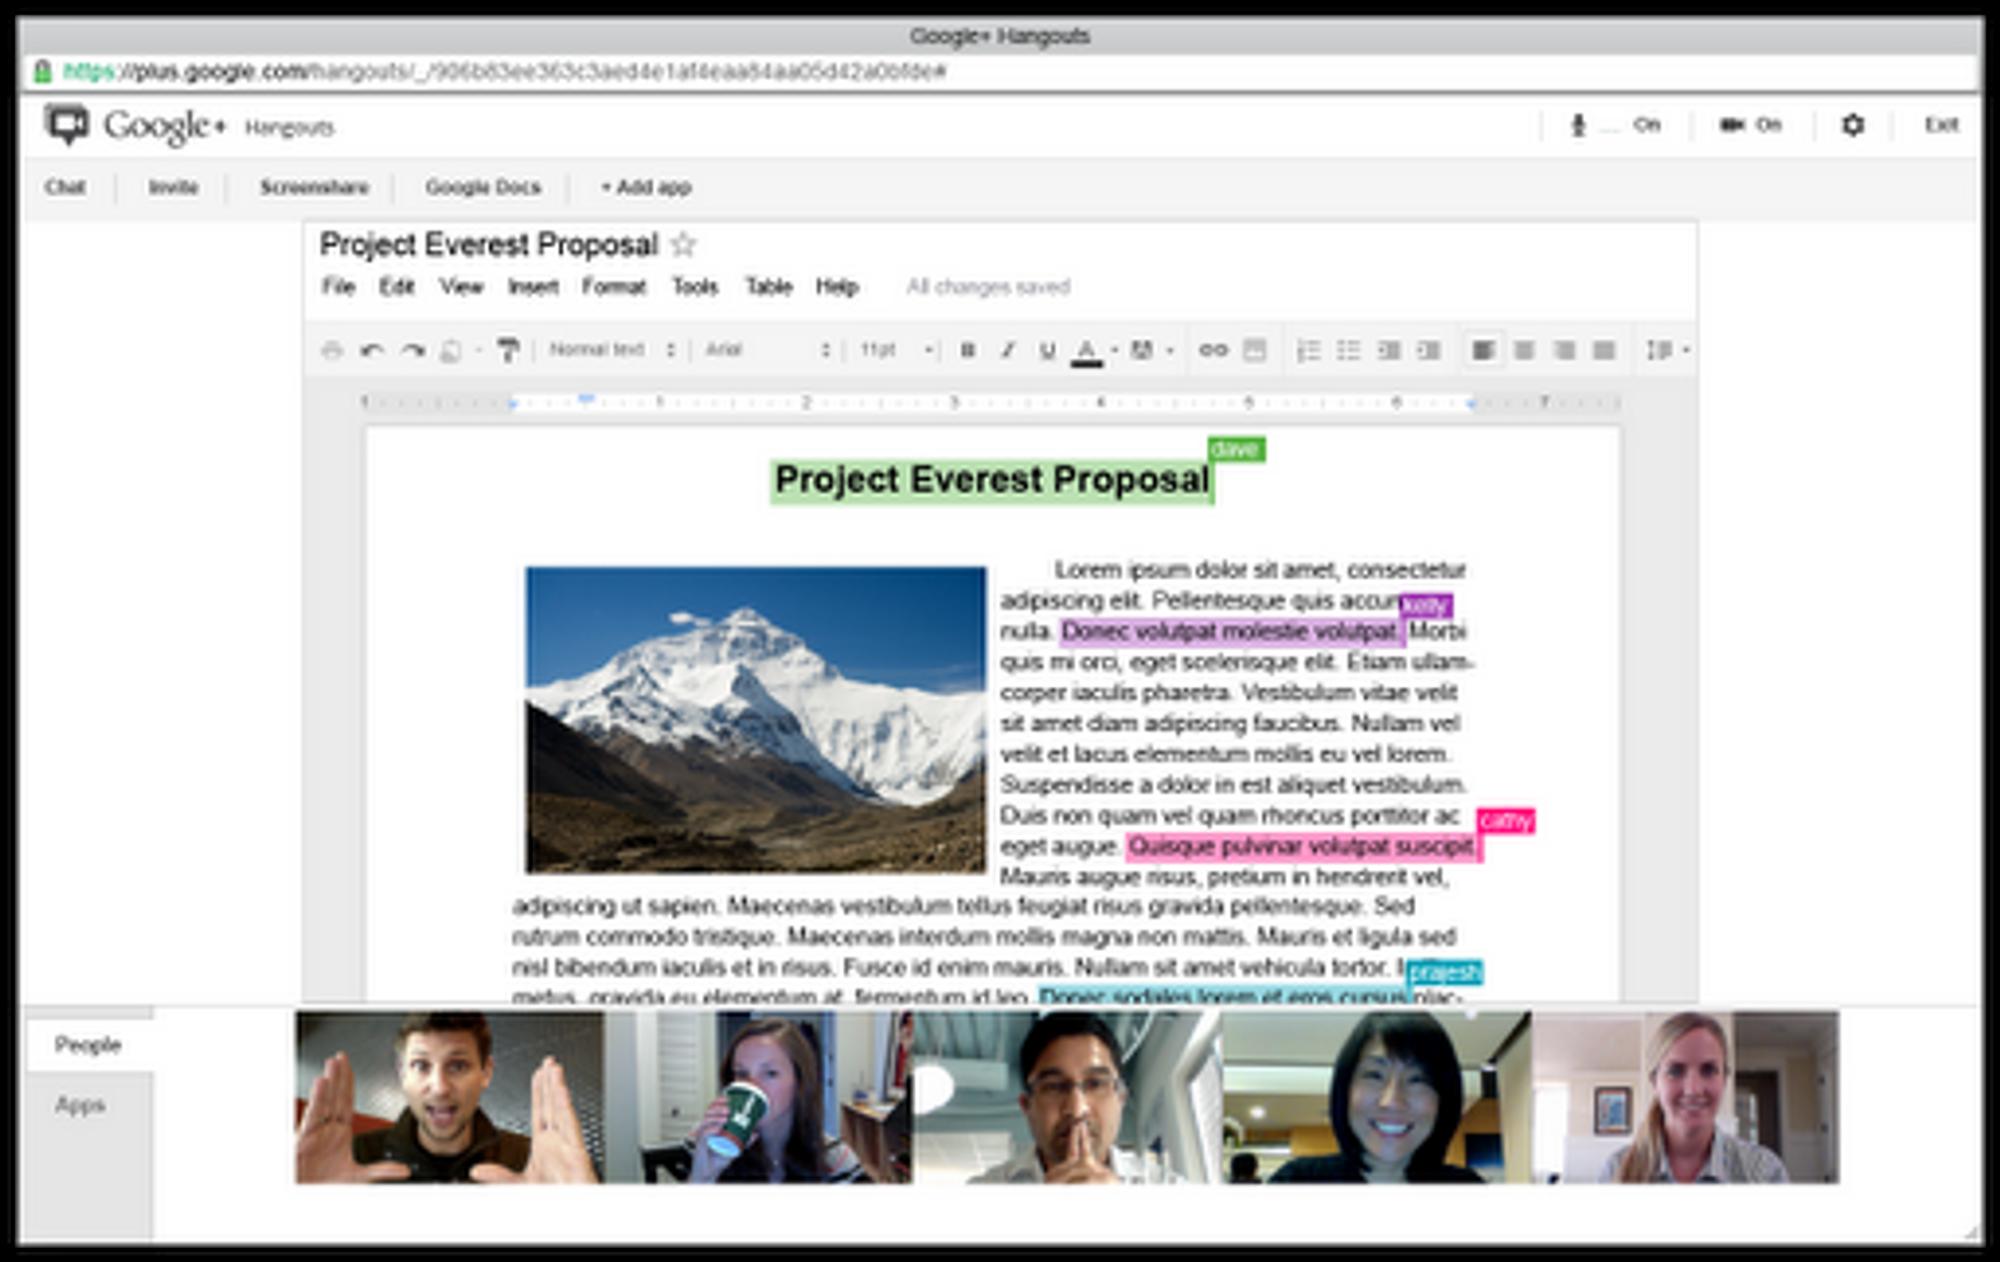 Google Apps-brukere kan ved hjelp av Google+-funksjonen Hangout arrangere en videokonferanse hvor de sammen diskuterer og redigerer et Google-dokument.